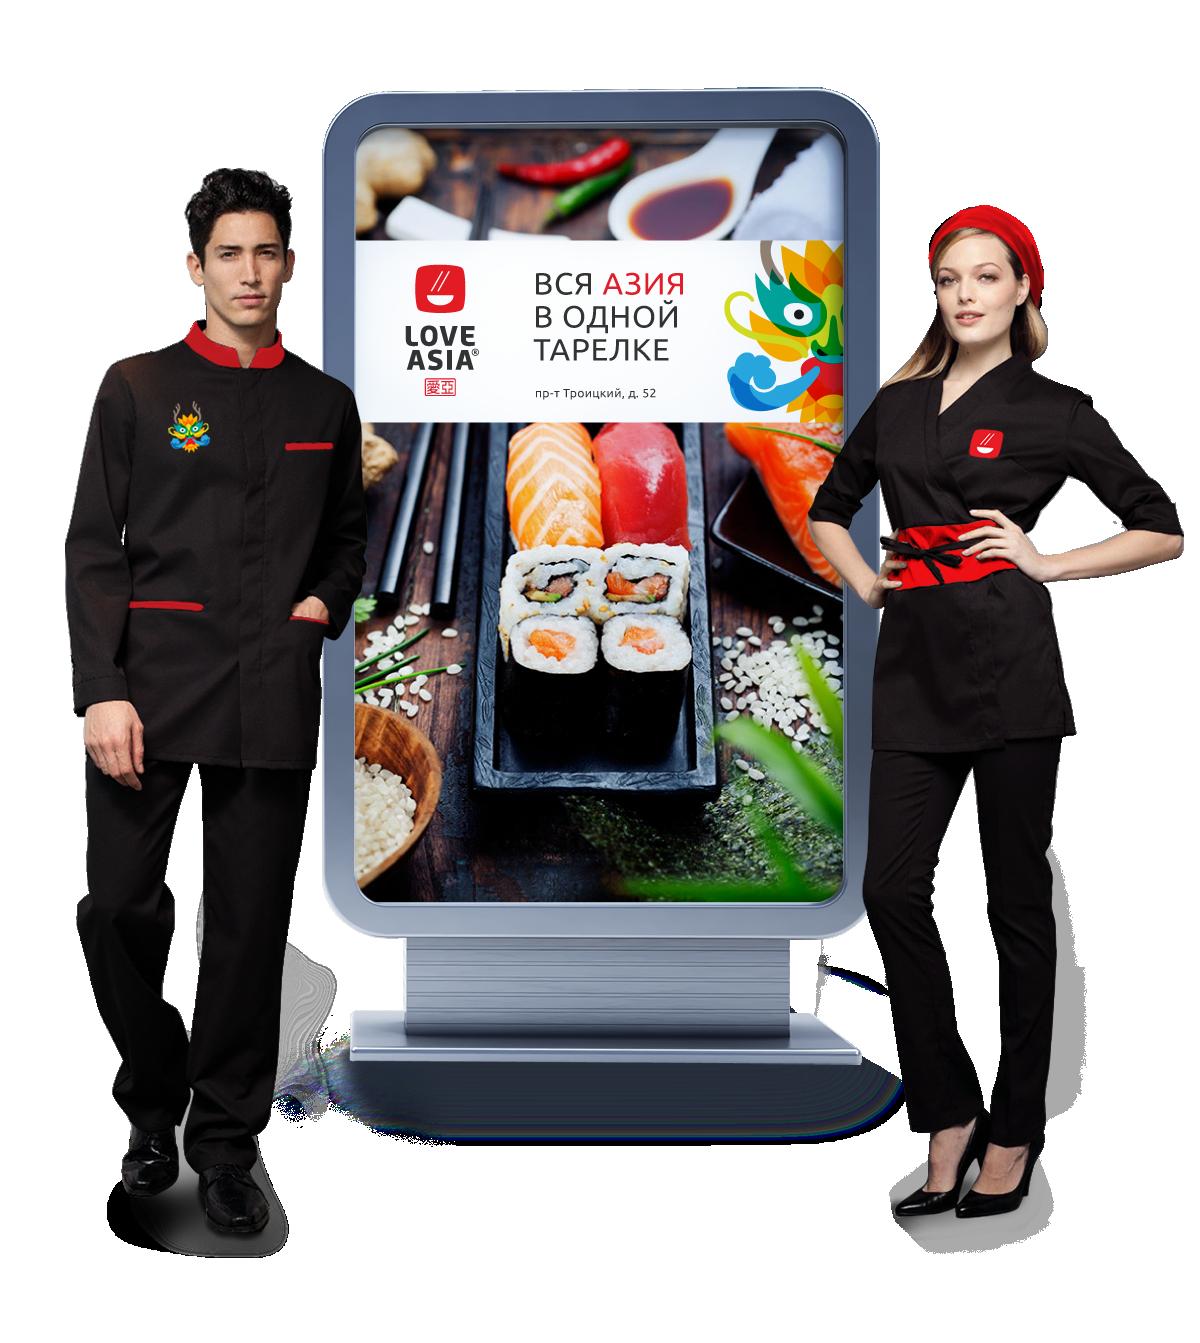 Дизайн рекламы Love Asia